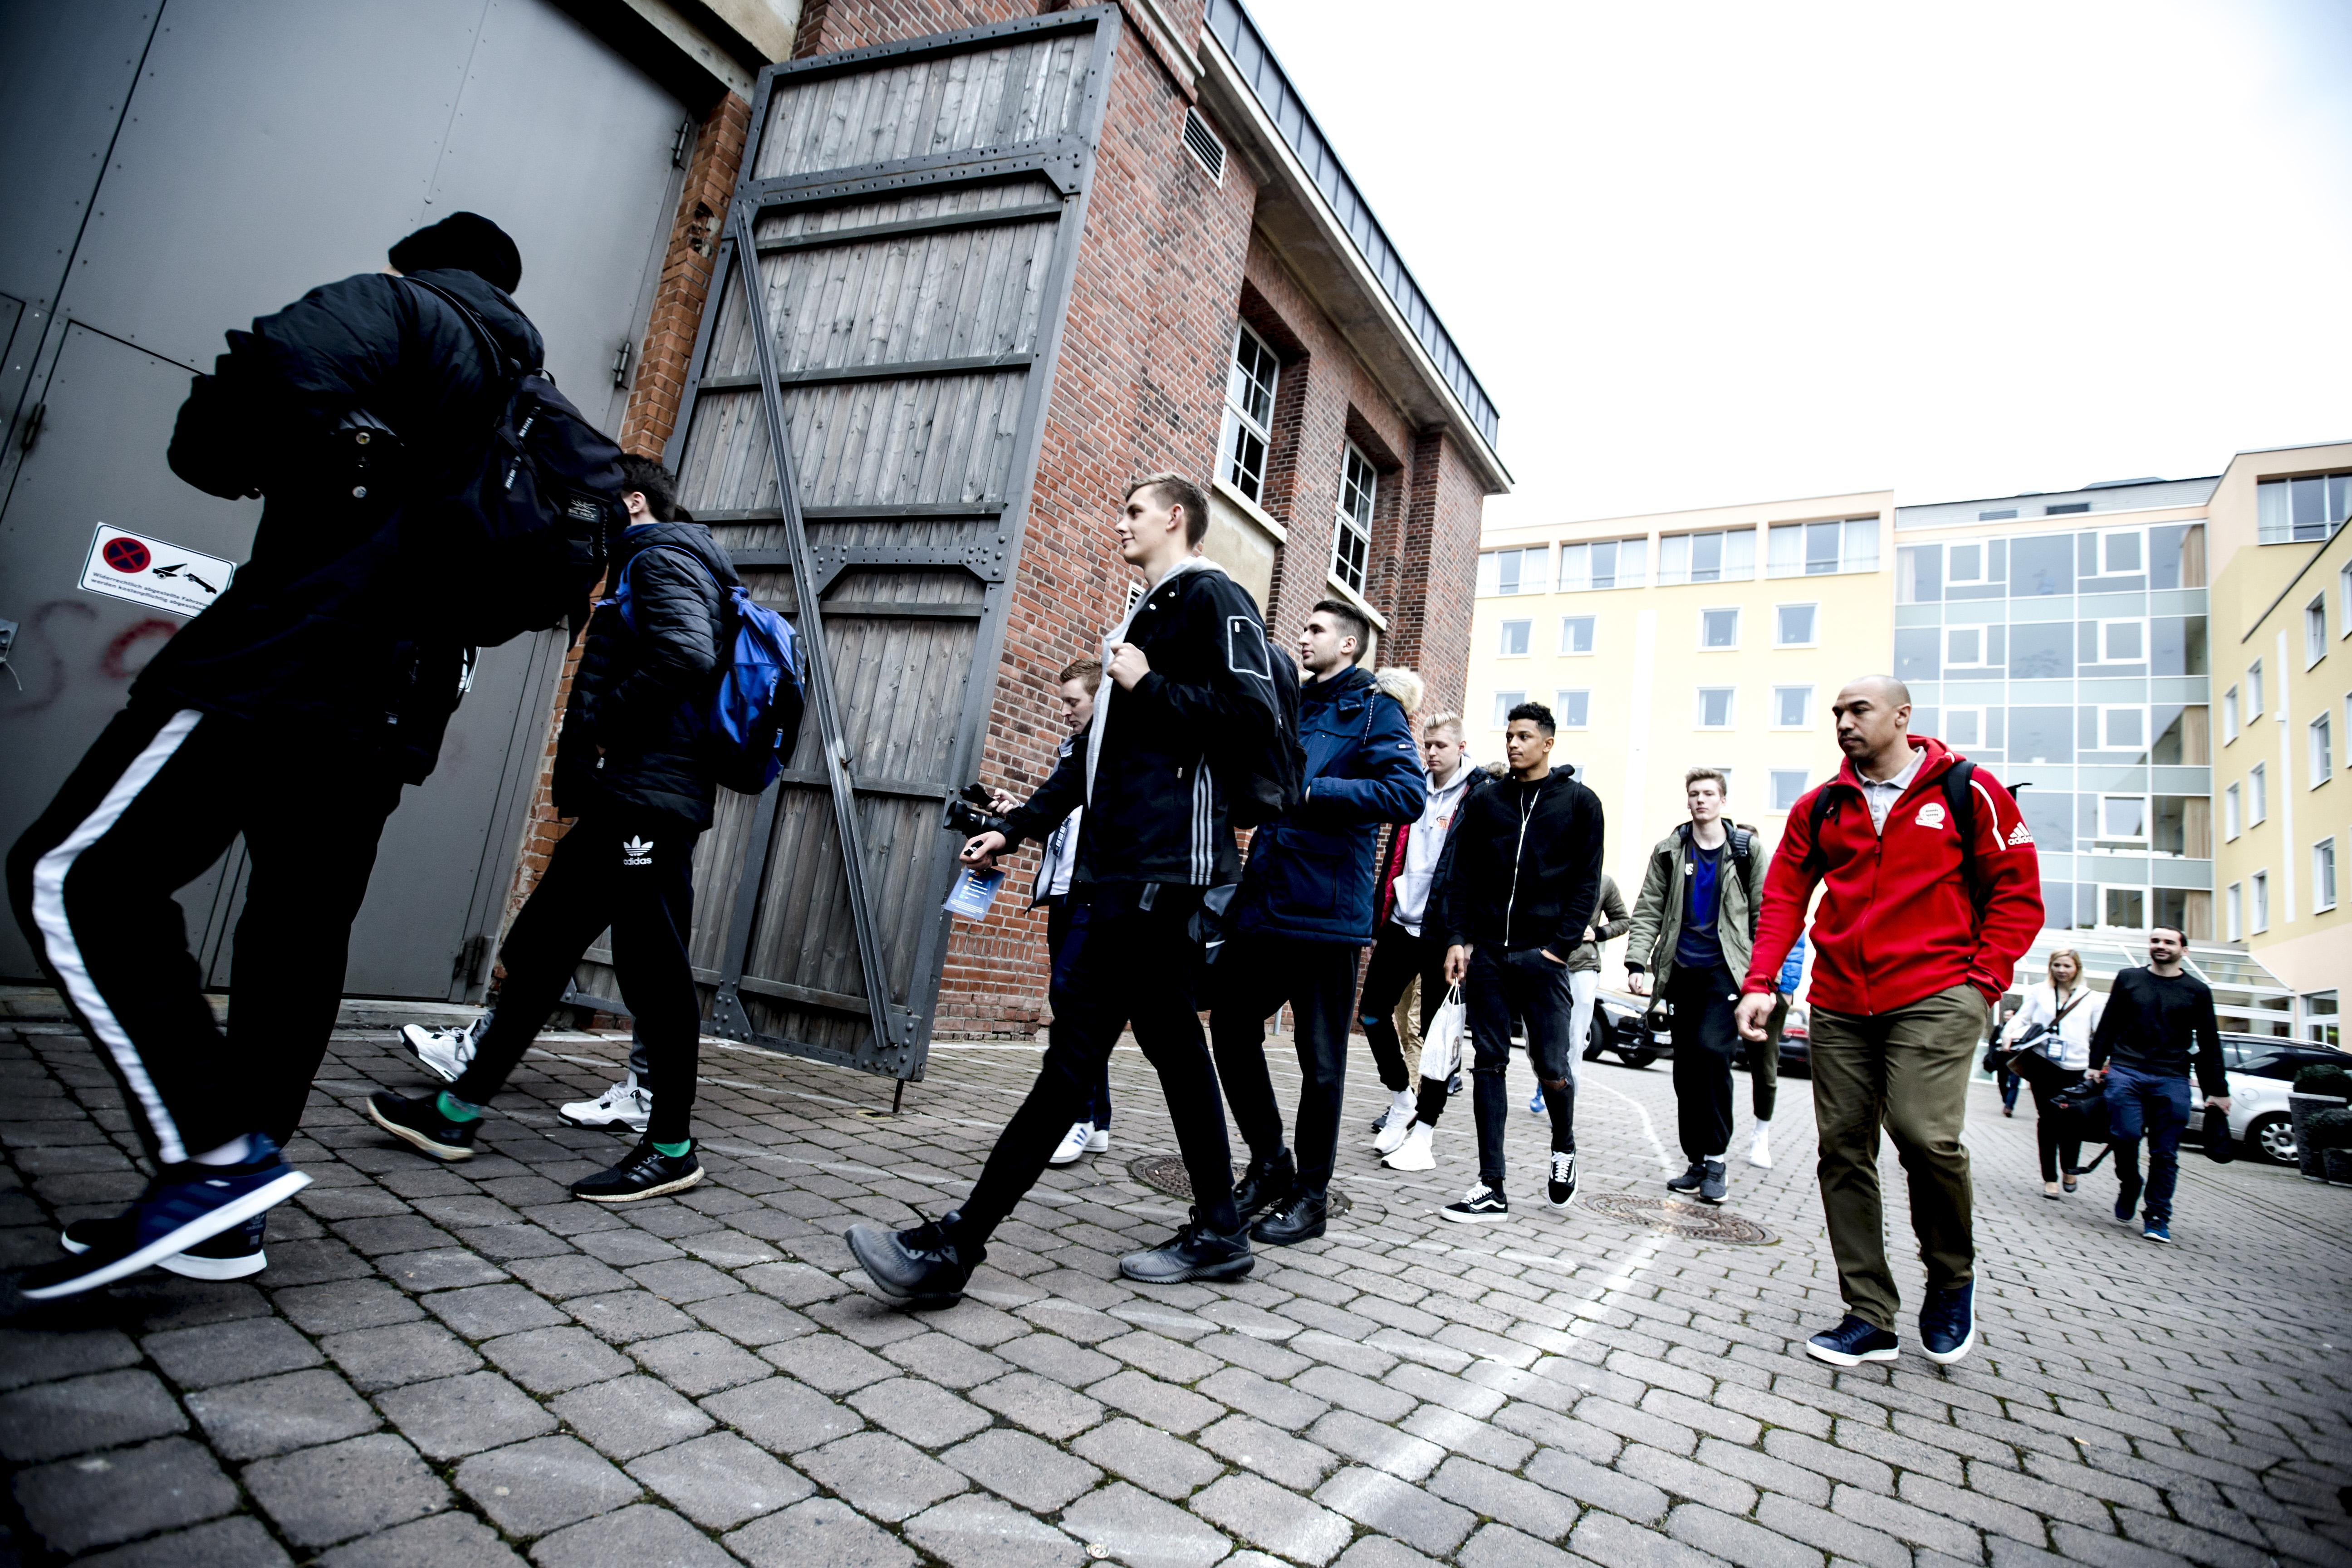 in Aktion, während des NBBL ALLSTAR GAME im Rahmen des easyCredit BBL ALLSTAR Day in der Lokhalle Göttingen. Foto: Sven Kuczera